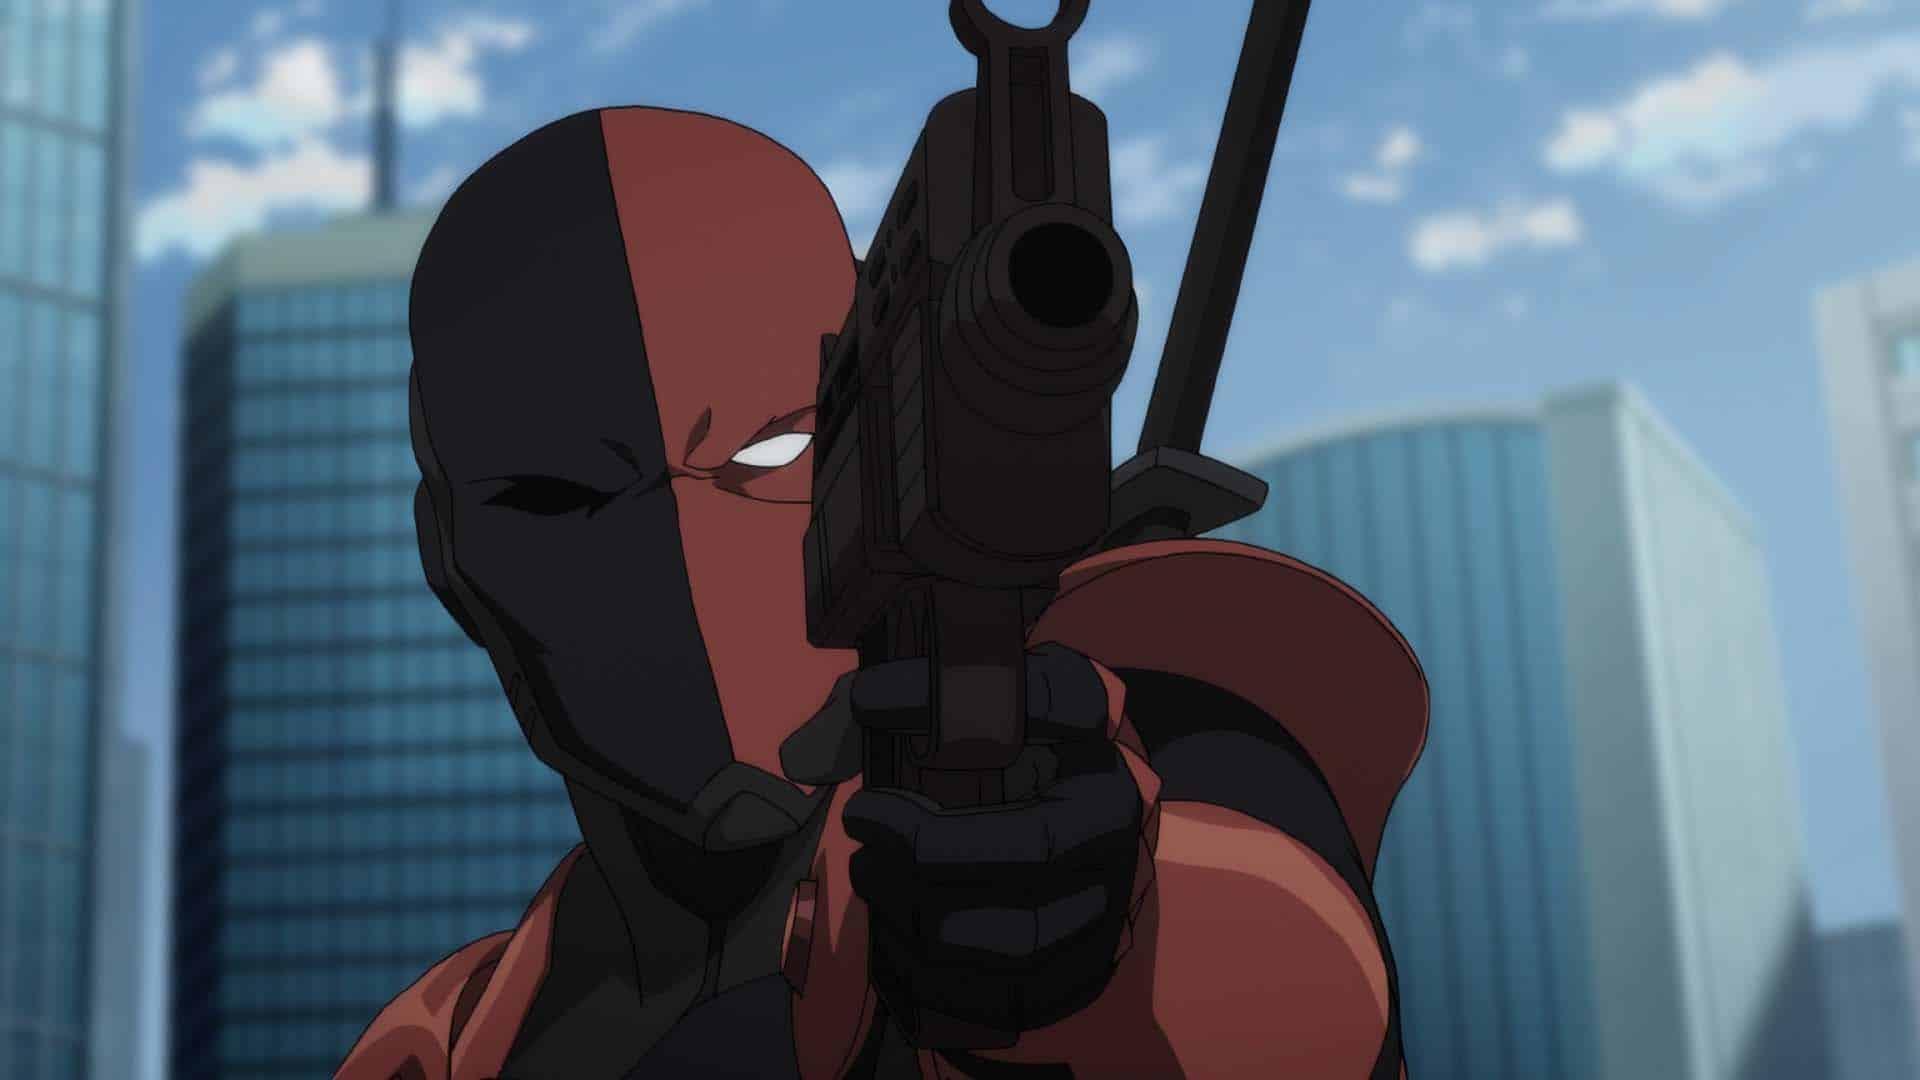 Exterminador (Deathstroke) na animação Novos Titãs: Contrato de Judas